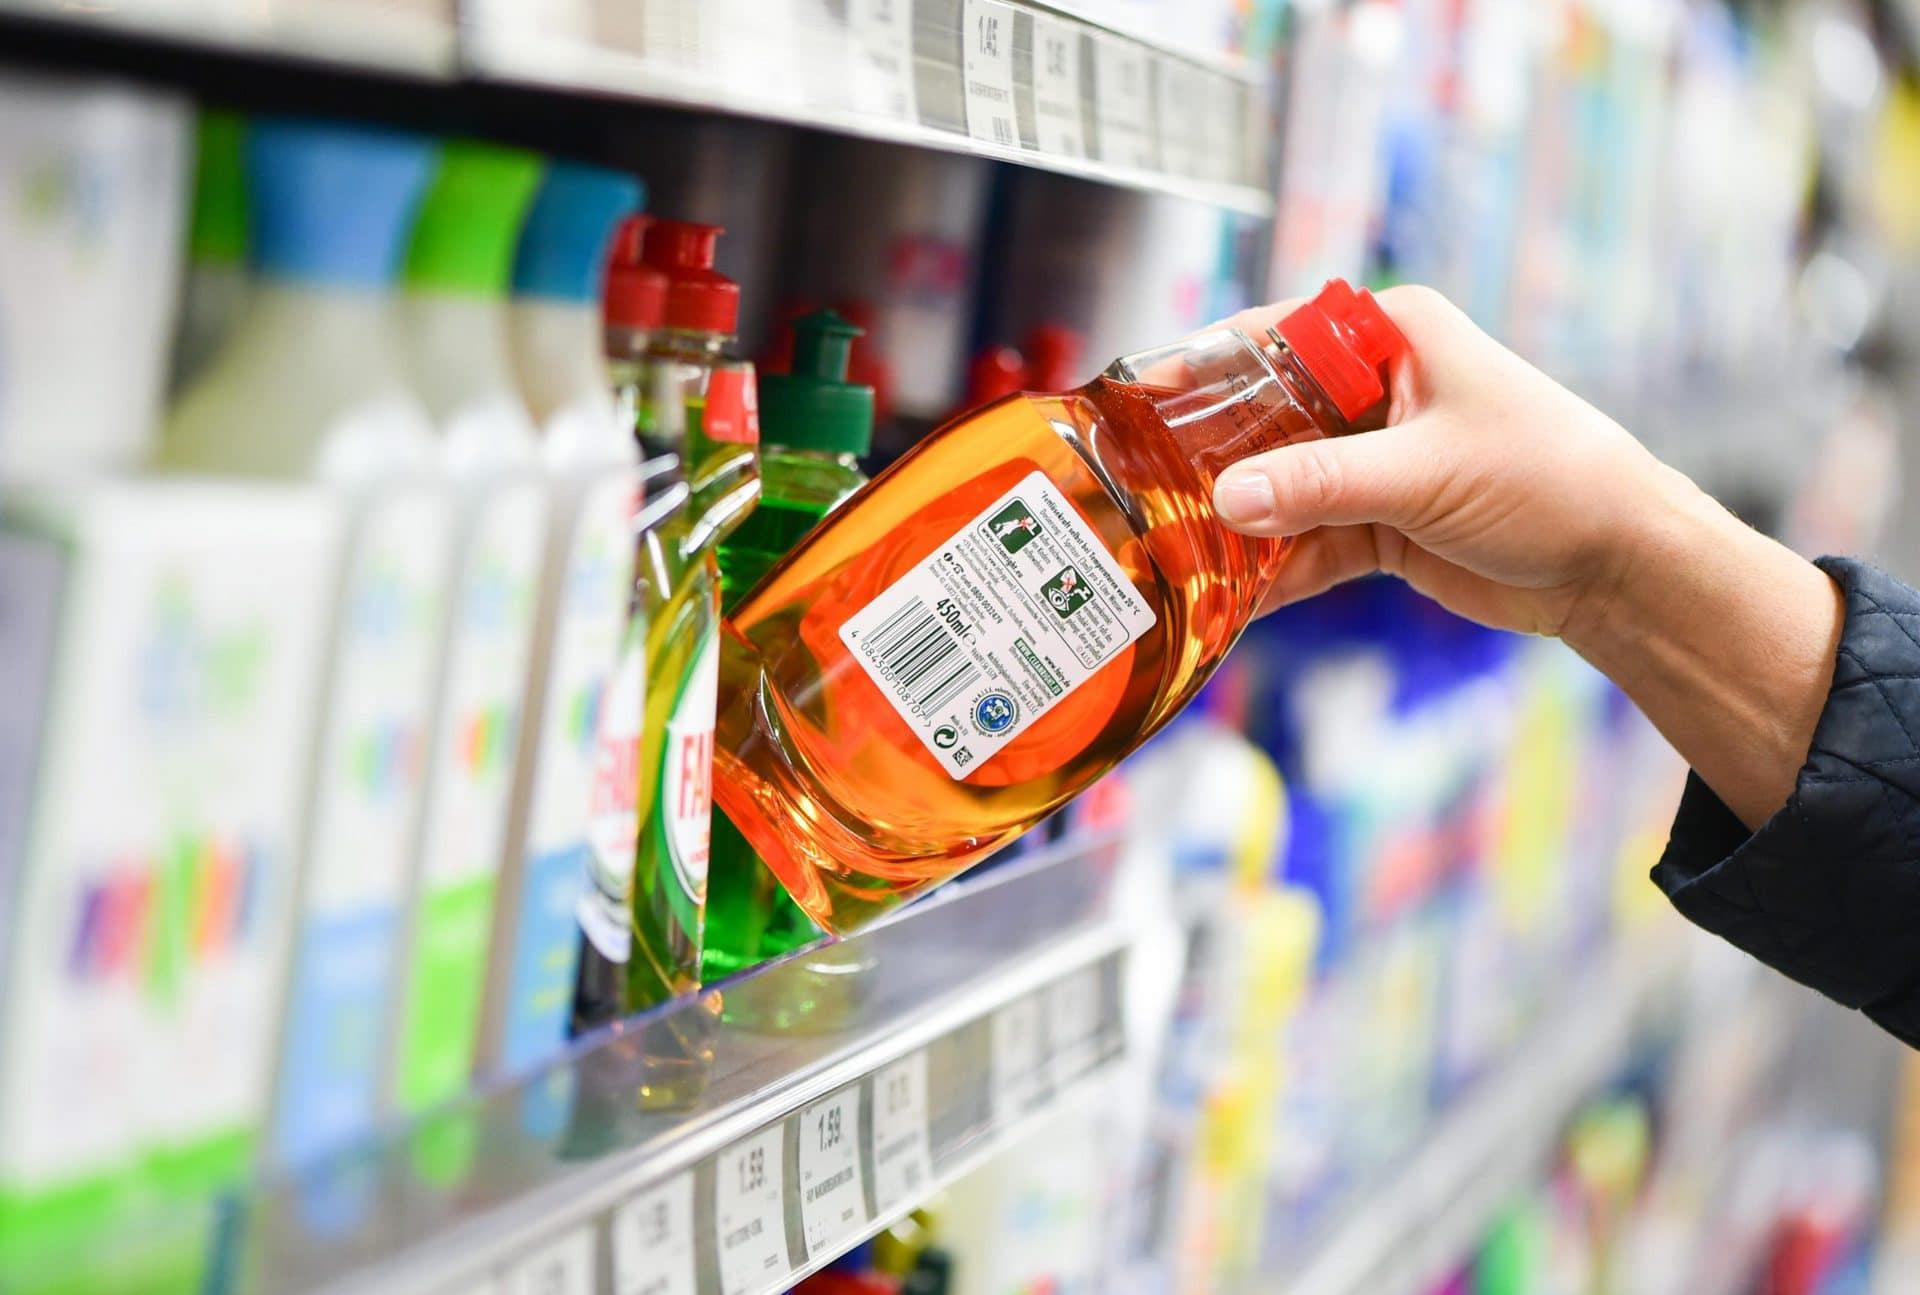 «Grüne» Verpackungen oft irreführend Verbraucherzentrale